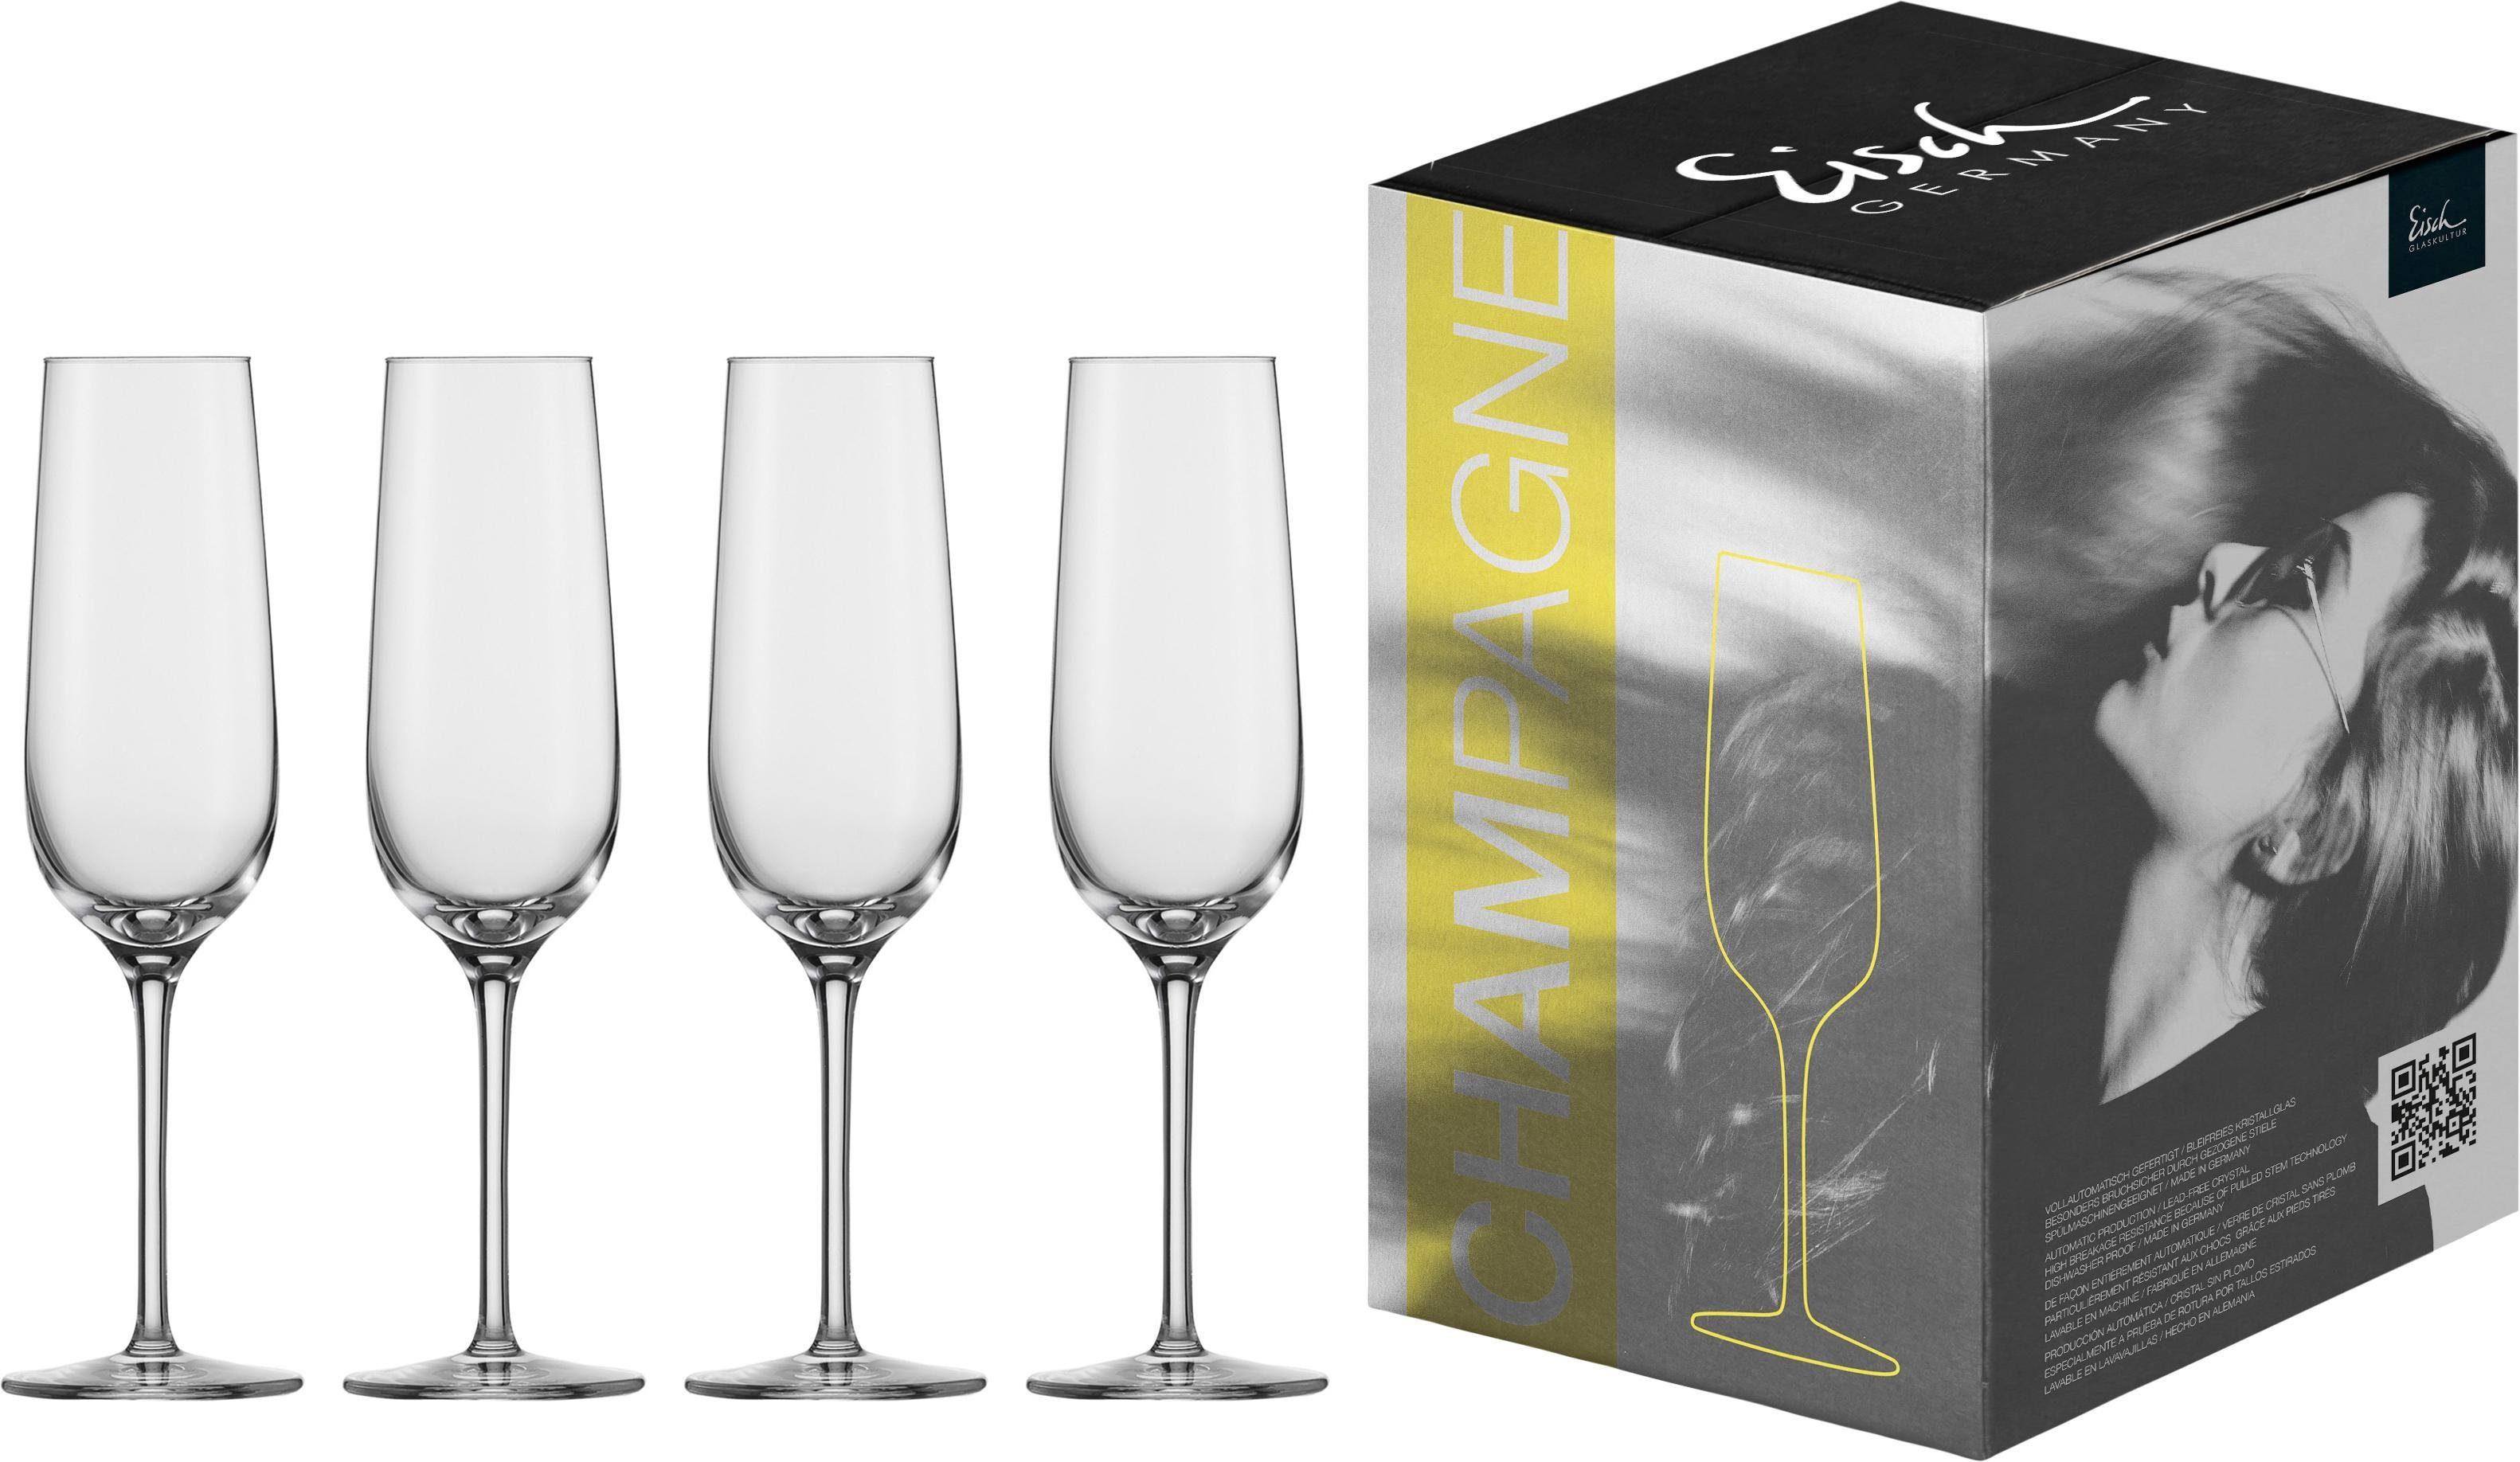 Eisch Sektglas Vinezza, (Set, 4 tlg.), bleifreies Kristallglas, 225 ml farblos Kristallgläser Gläser Glaswaren Haushaltswaren